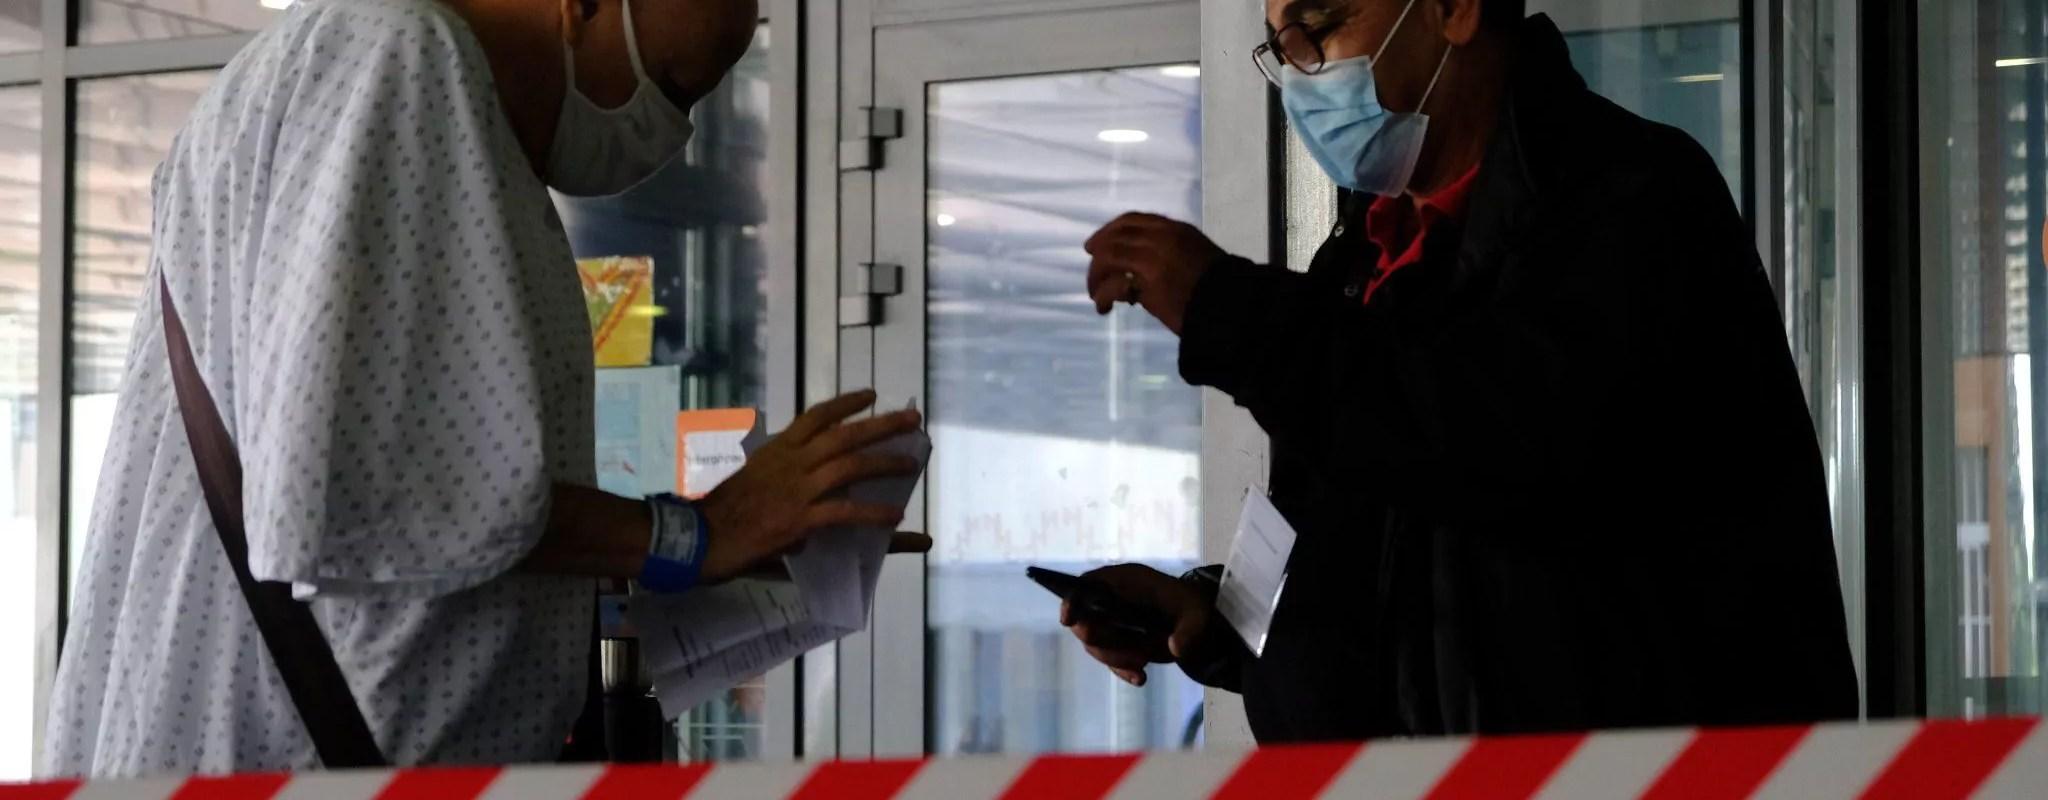 Contre le passe sanitaire, grève illimitée dans 10 établissements de santé du sud de l'Alsace